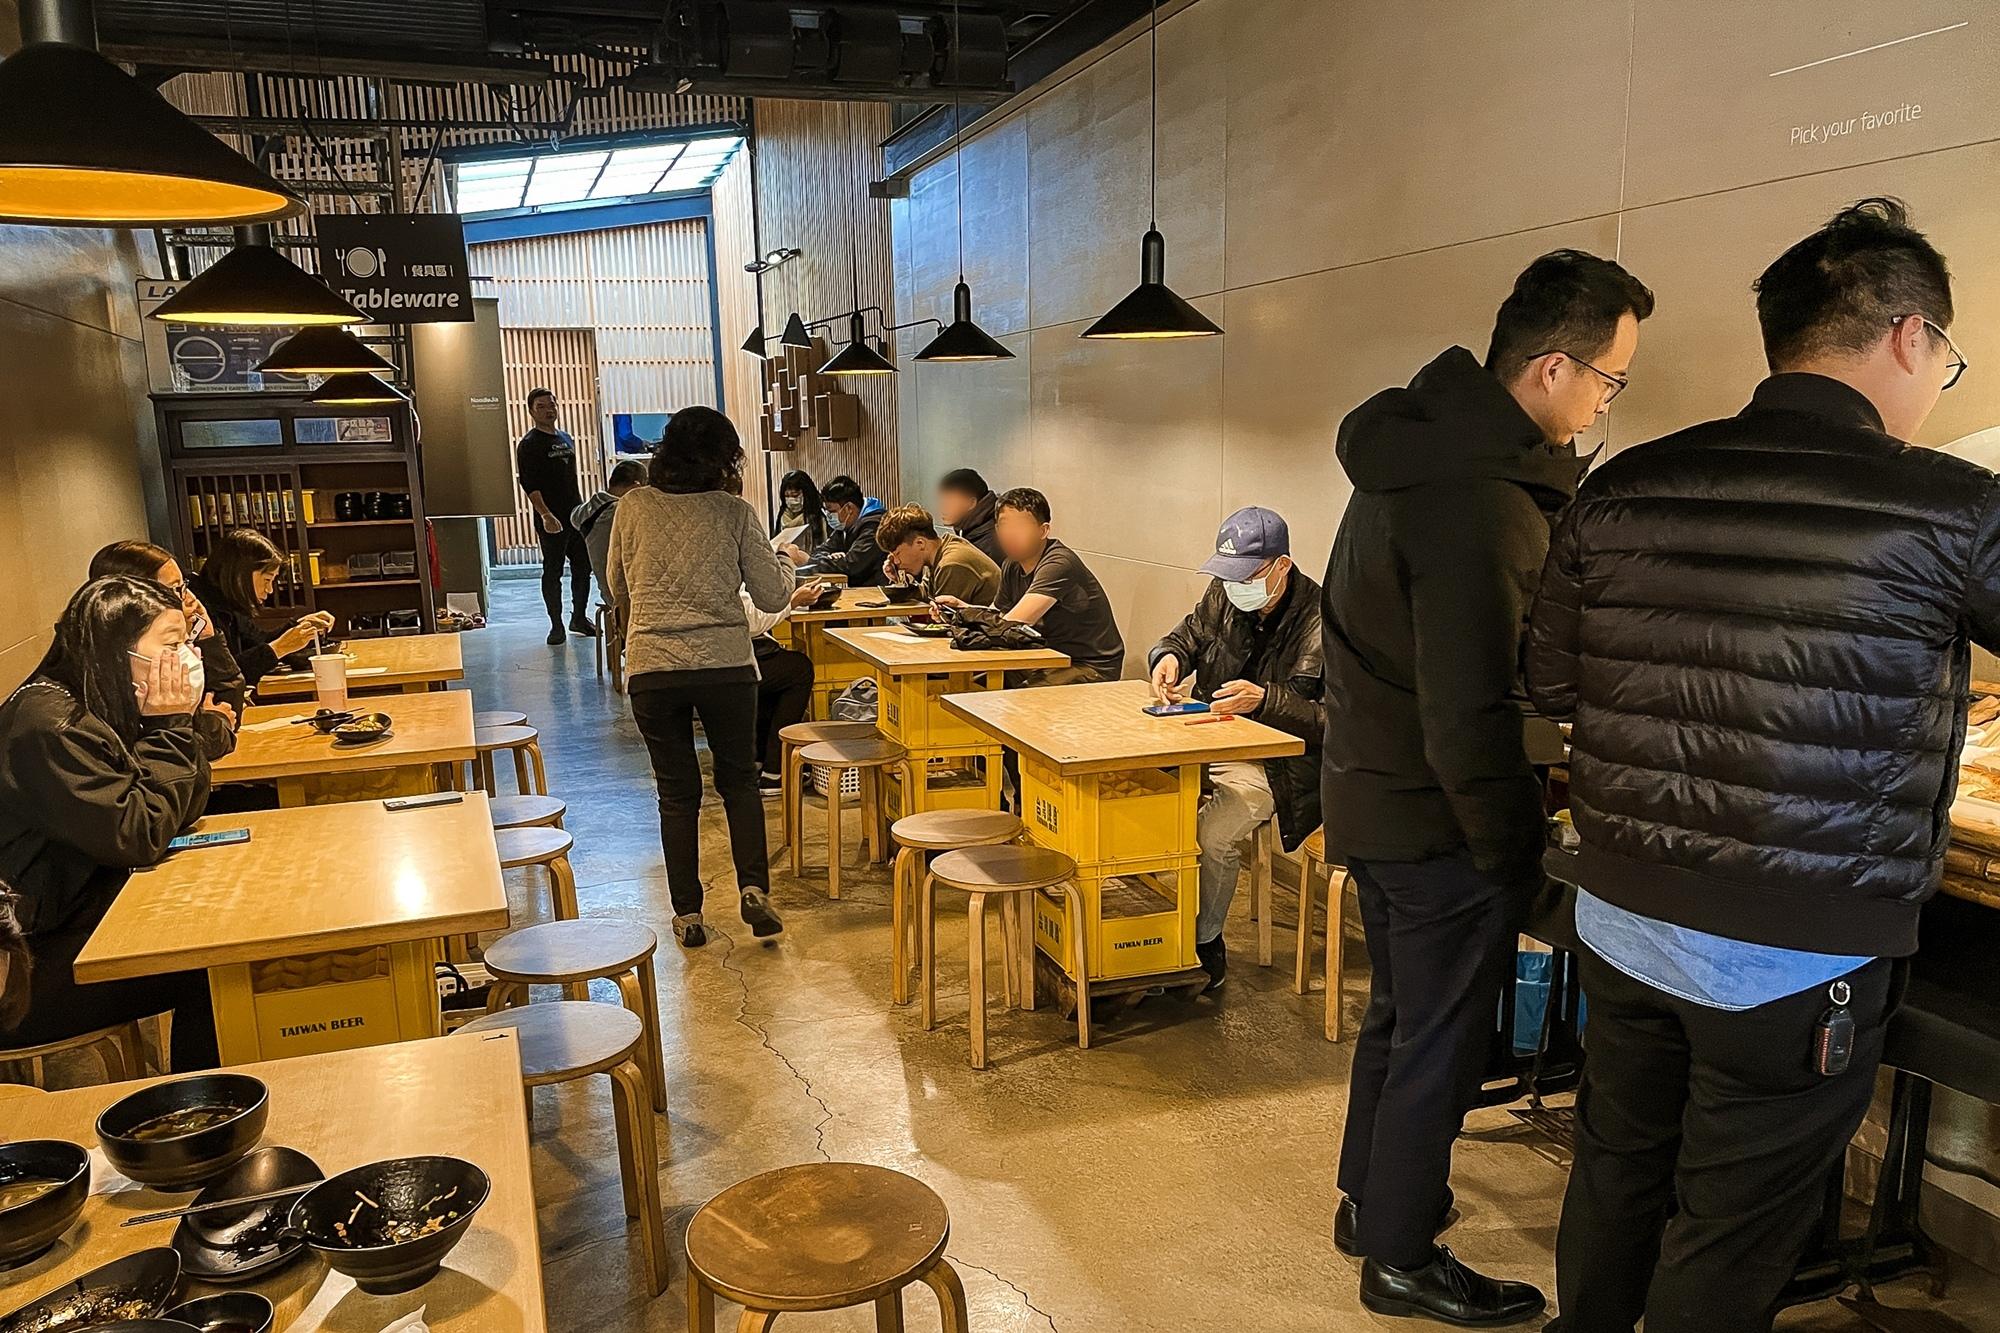 台南中西區美食 東城麵家 結合hiphop與街頭文化的潮流麵店6A.jpg